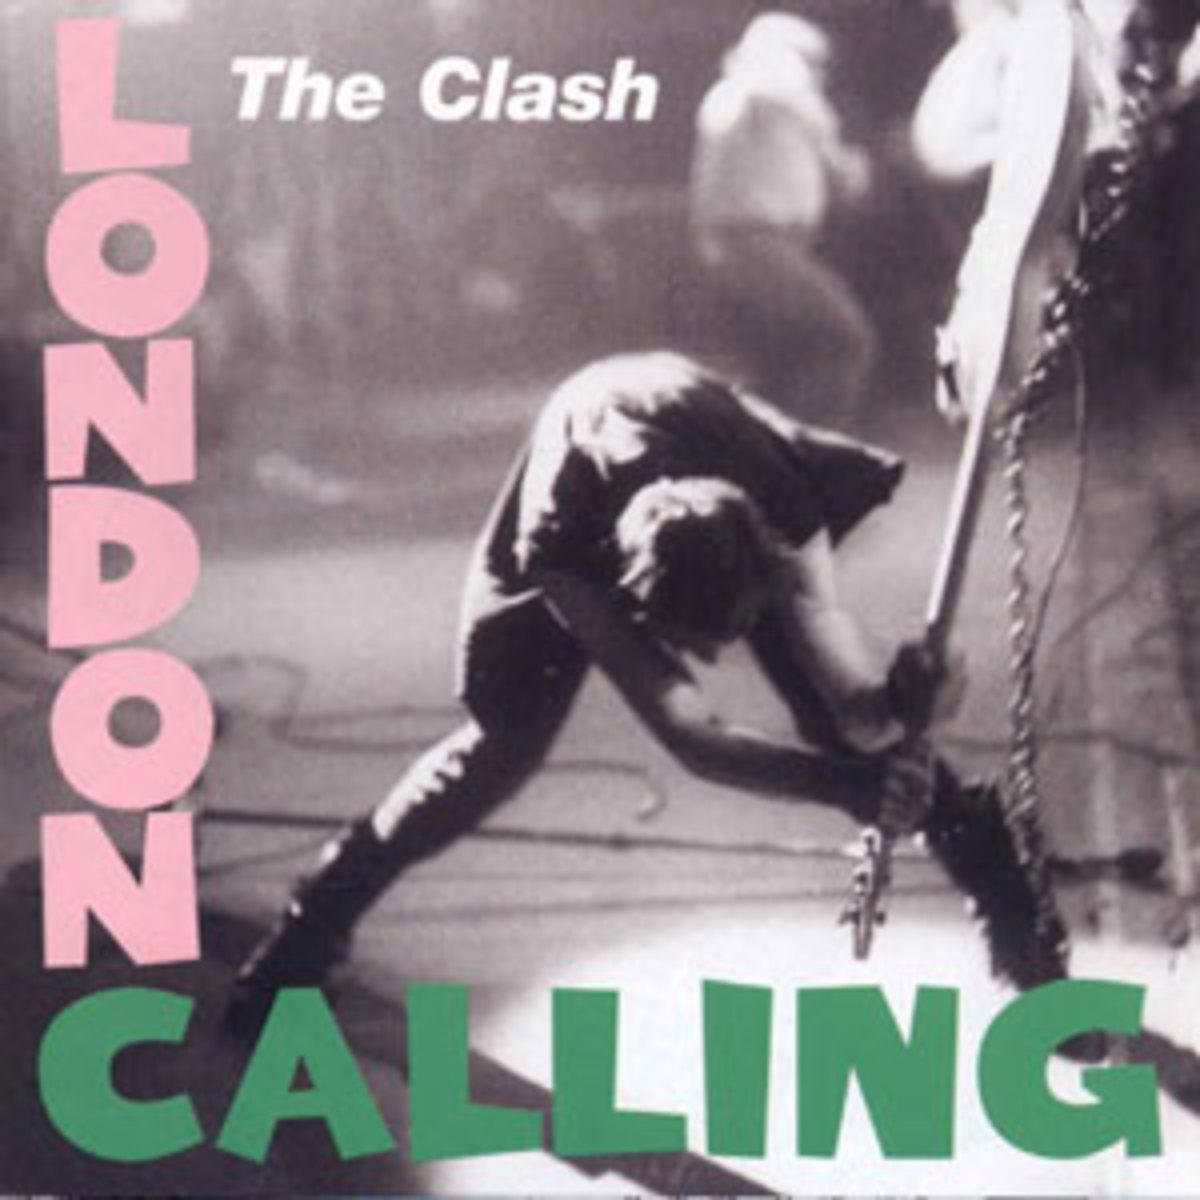 Clash_LondonCalling